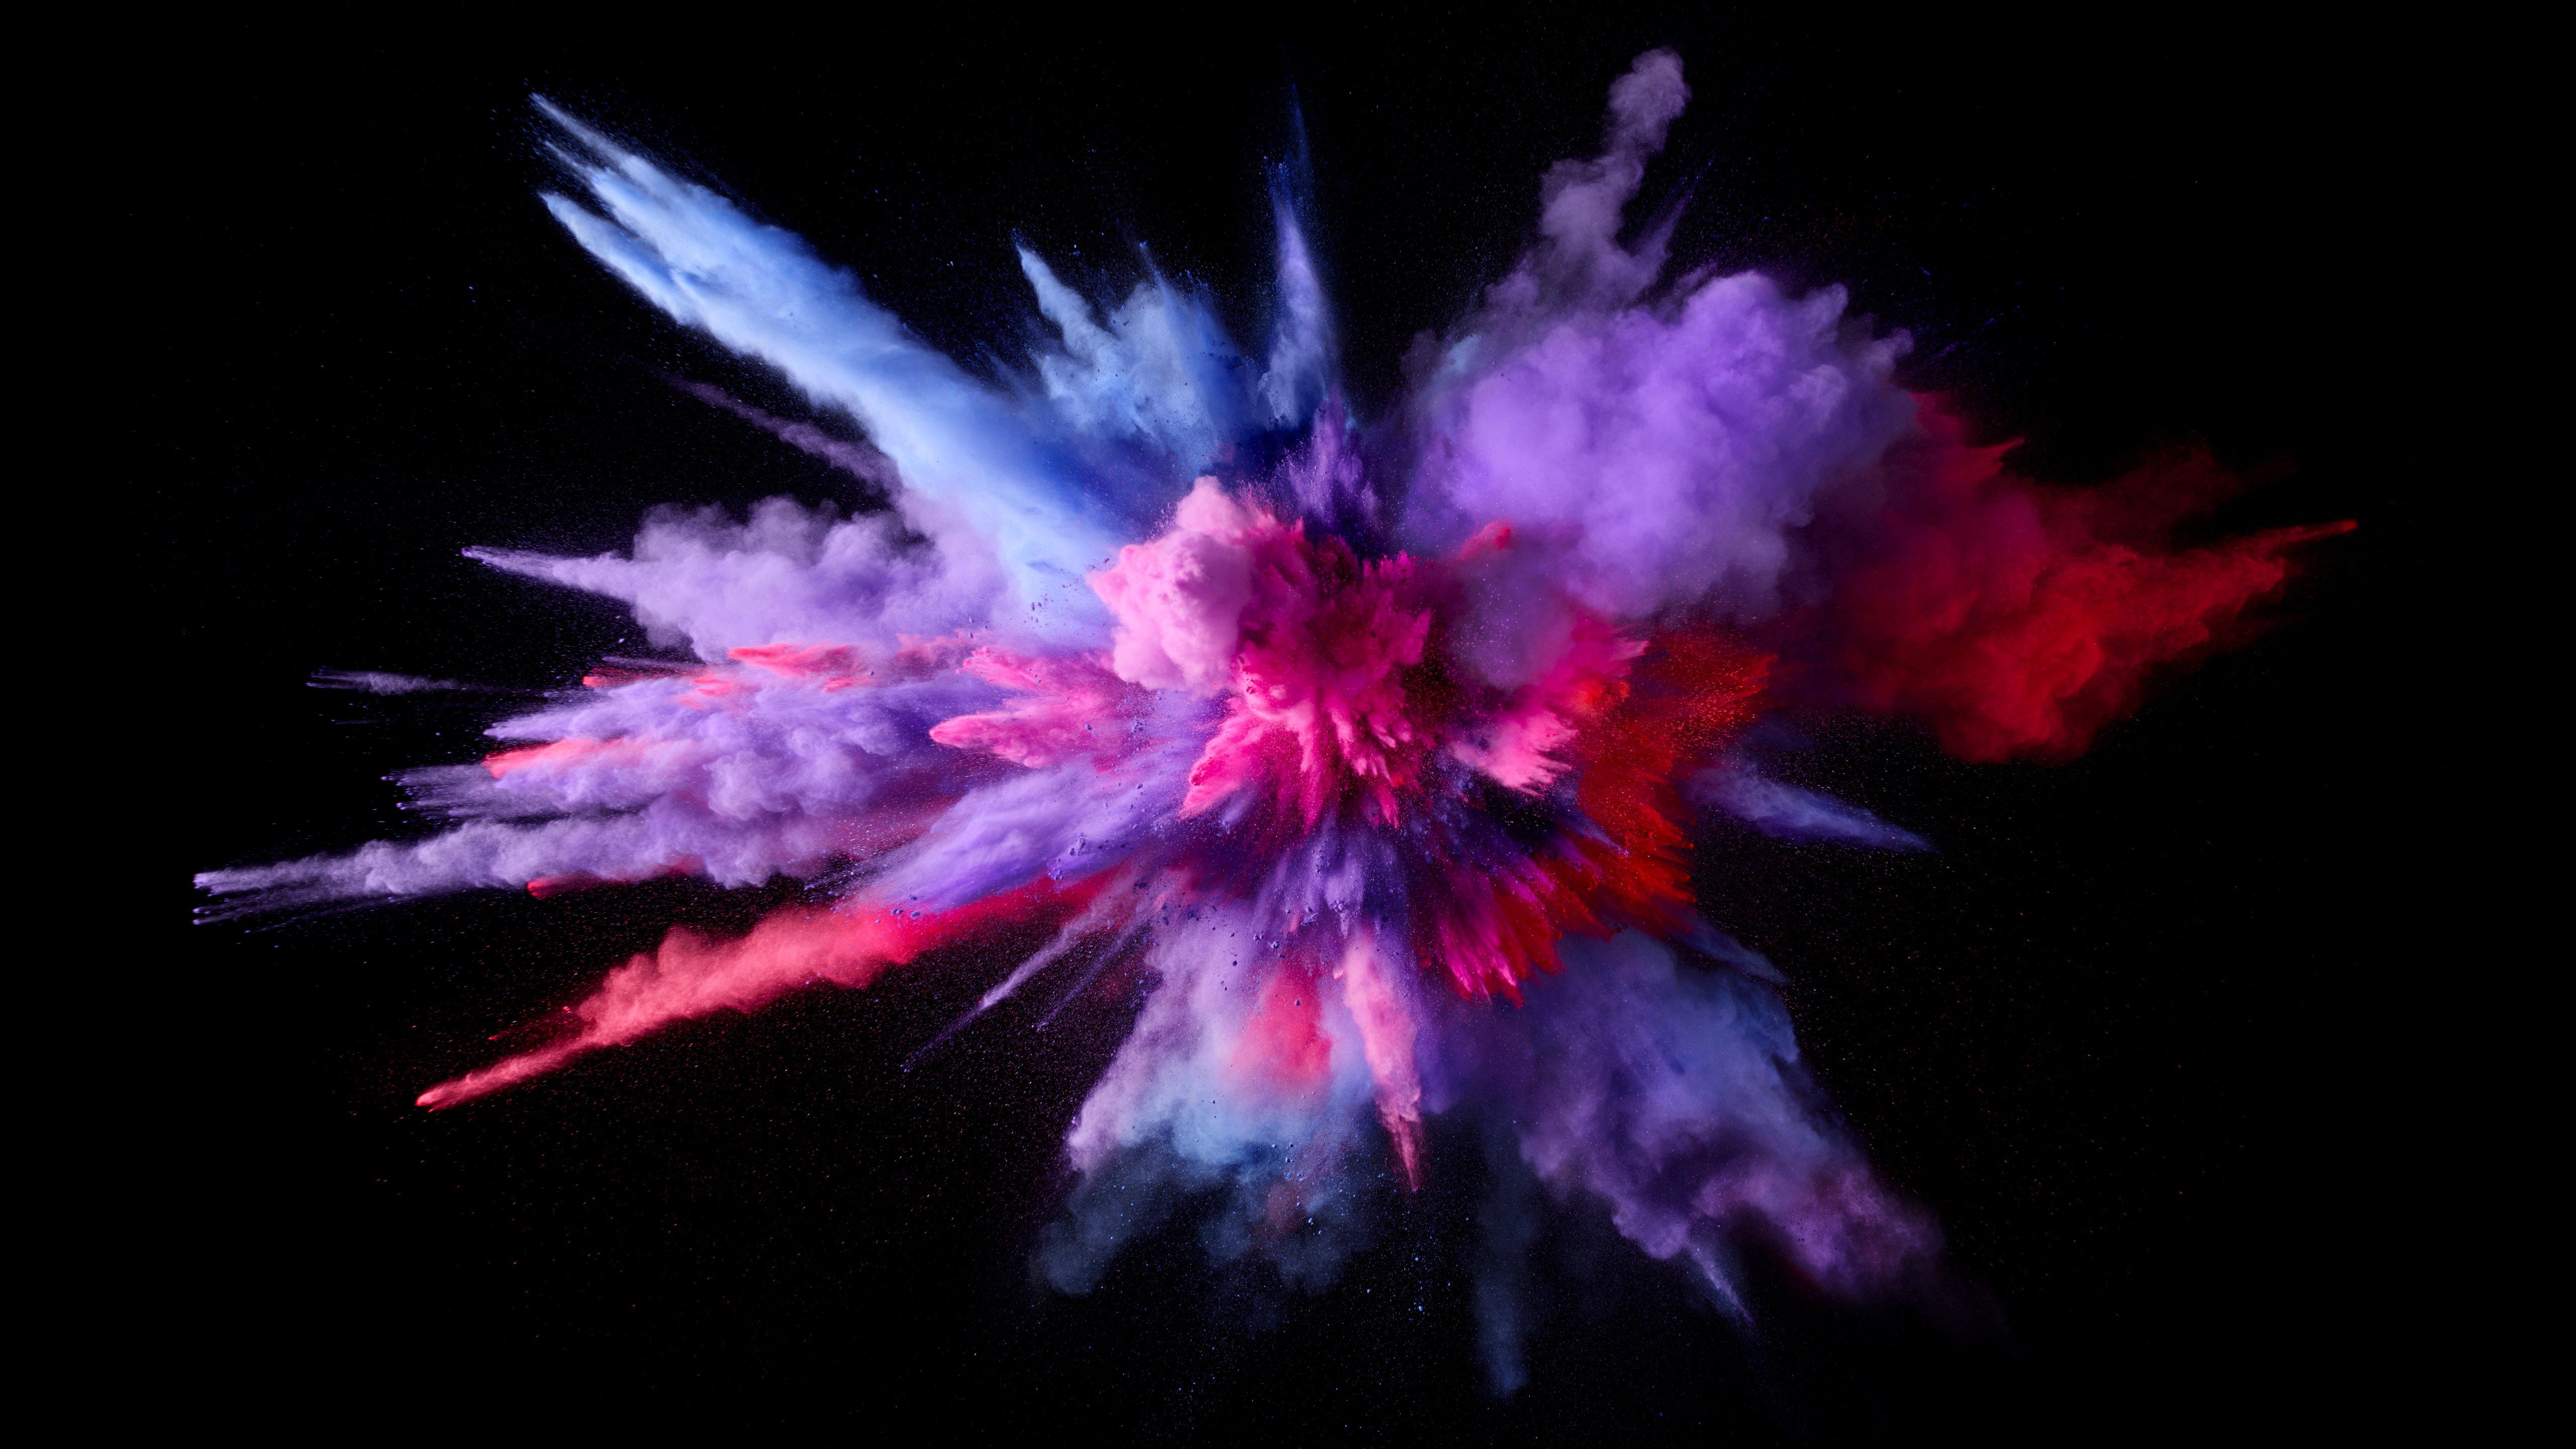 Fondos de pantalla Explosión polvo y humo de colores